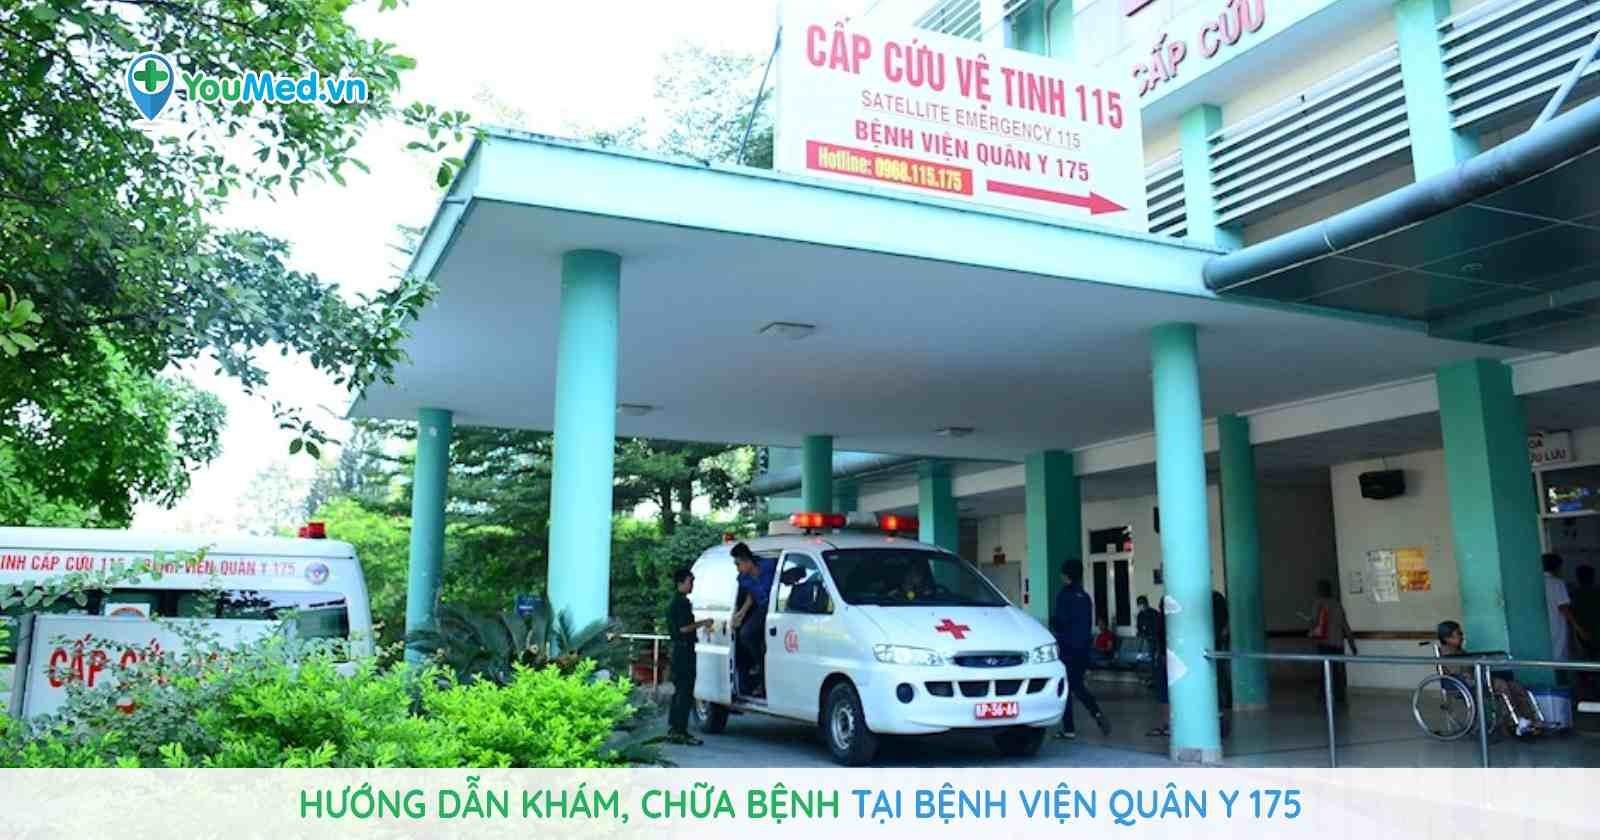 Hướng dẫn khám, chữa bệnh tại Bệnh viện Quân y 175